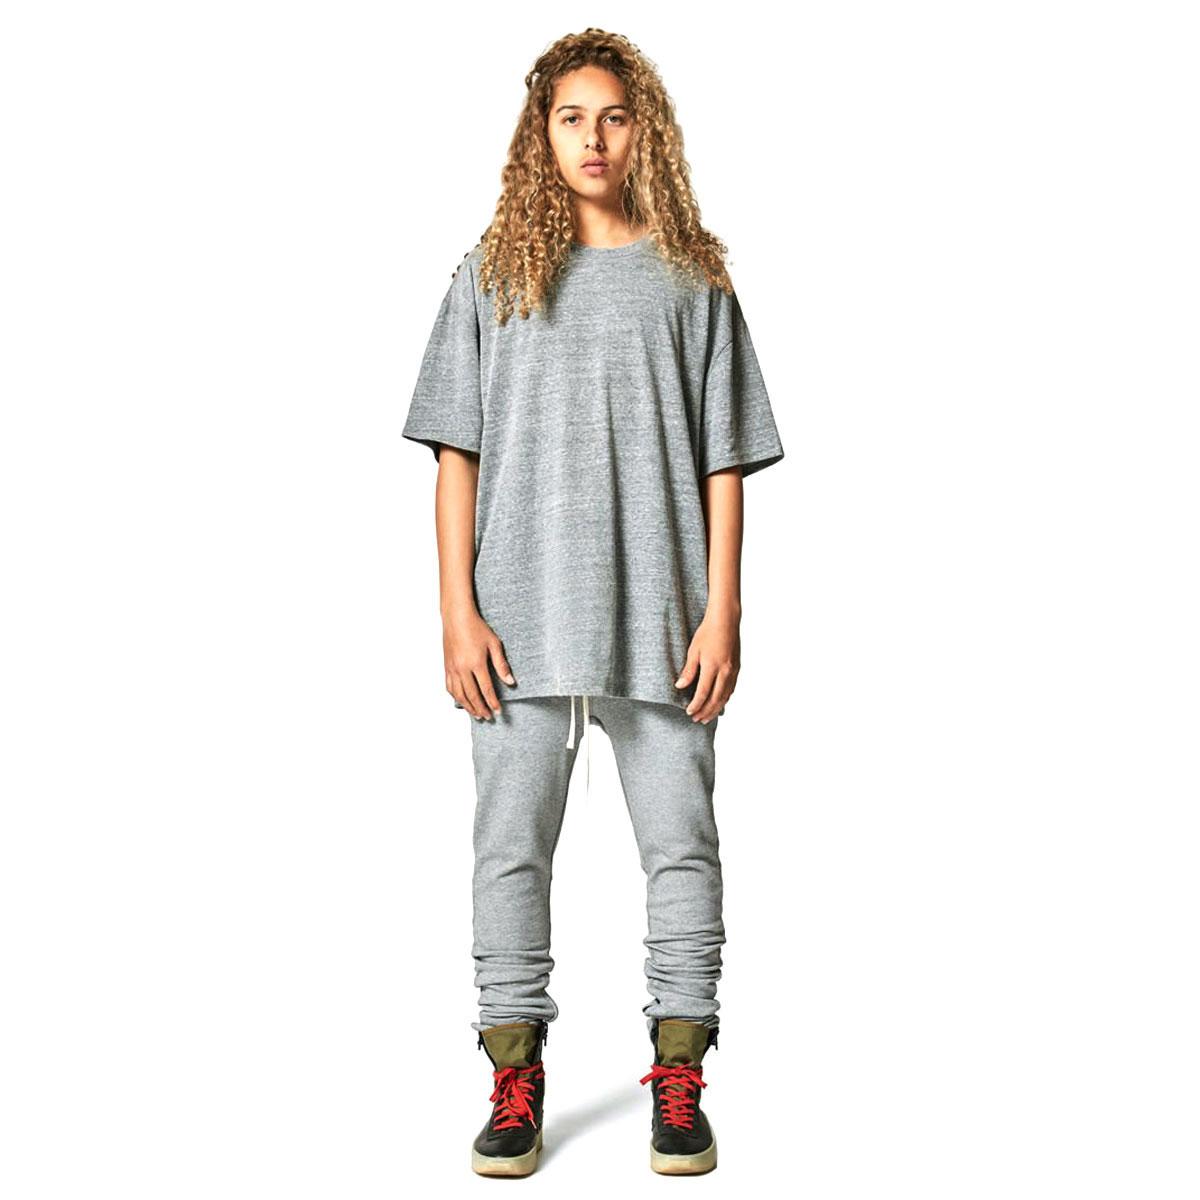 フィアオブゴッド Tシャツ 正規品 FEAR OF GOD 半袖Tシャツ  FOG - FEAR OF GOD ESSENTIALS TRI-BLEND BOXY T-SHIRT GRAY AA5B B1C C1D D1E E02F